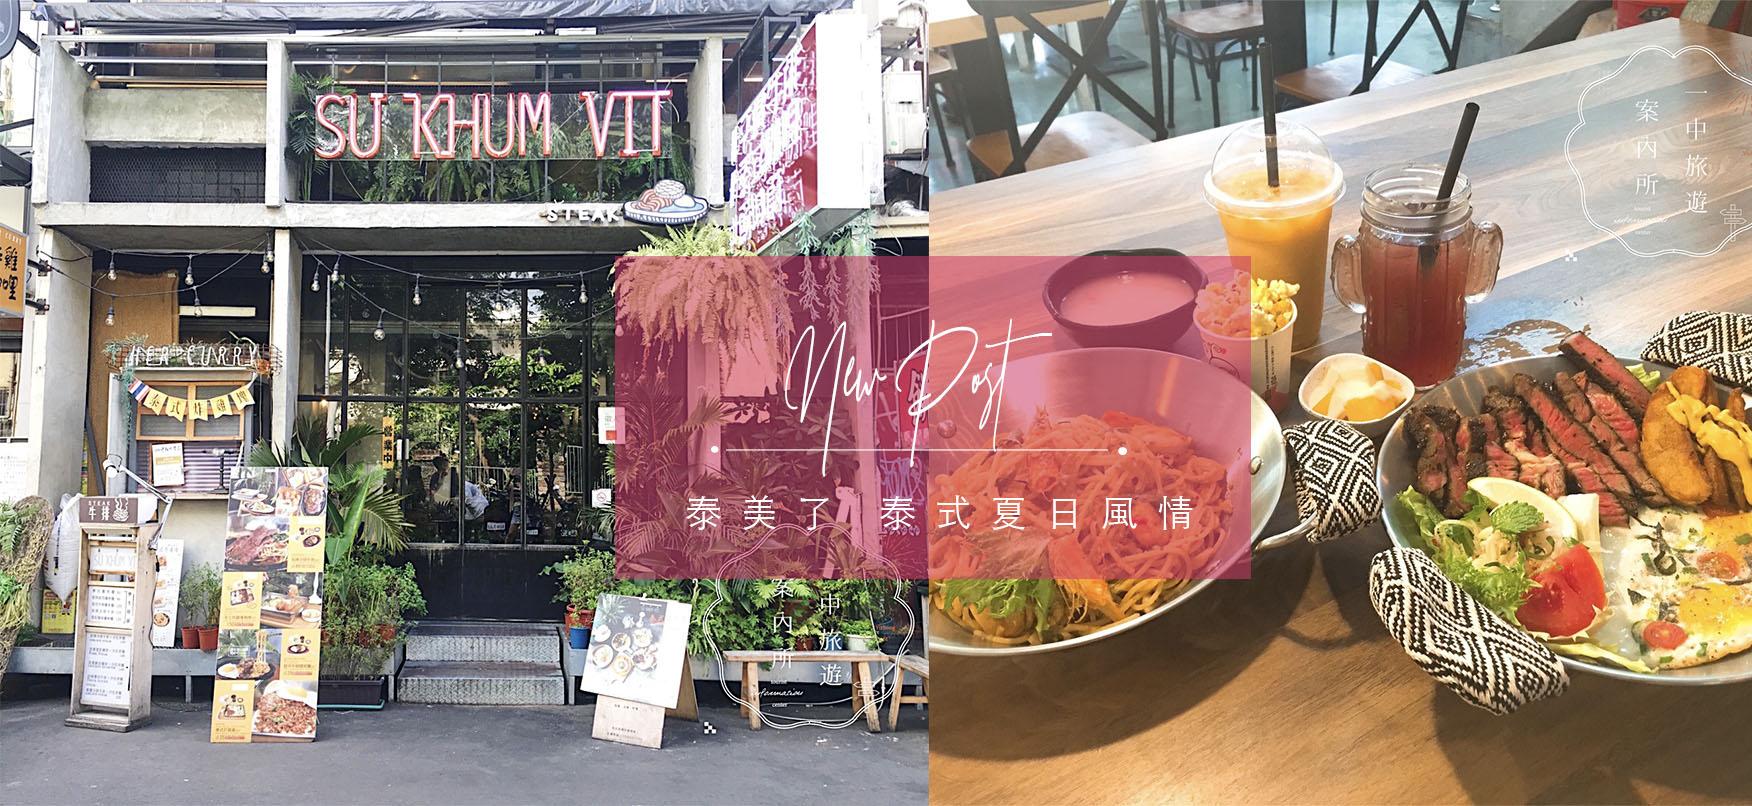 蘇坤蔚 牛排|超消暑開胃的泰式餐廳,夏天也有好胃口!